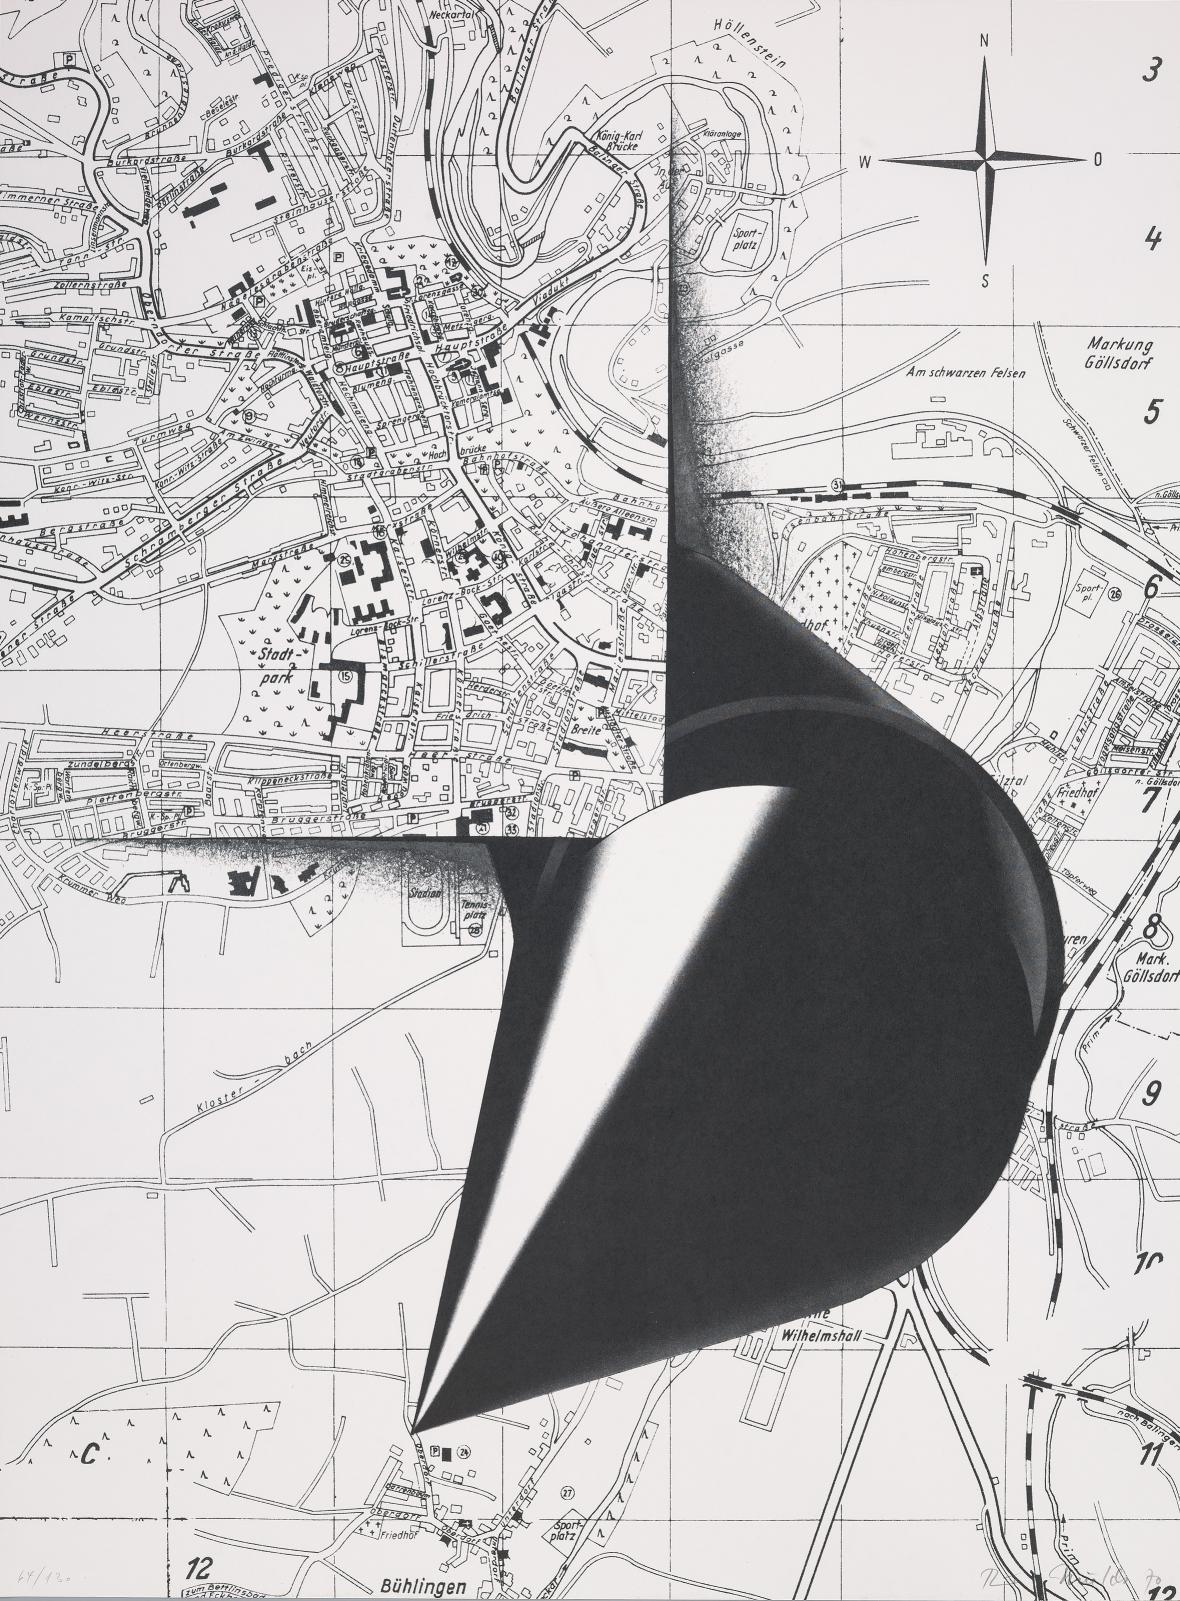 Rune Mields / bez názvu, 1970, ofset, papír